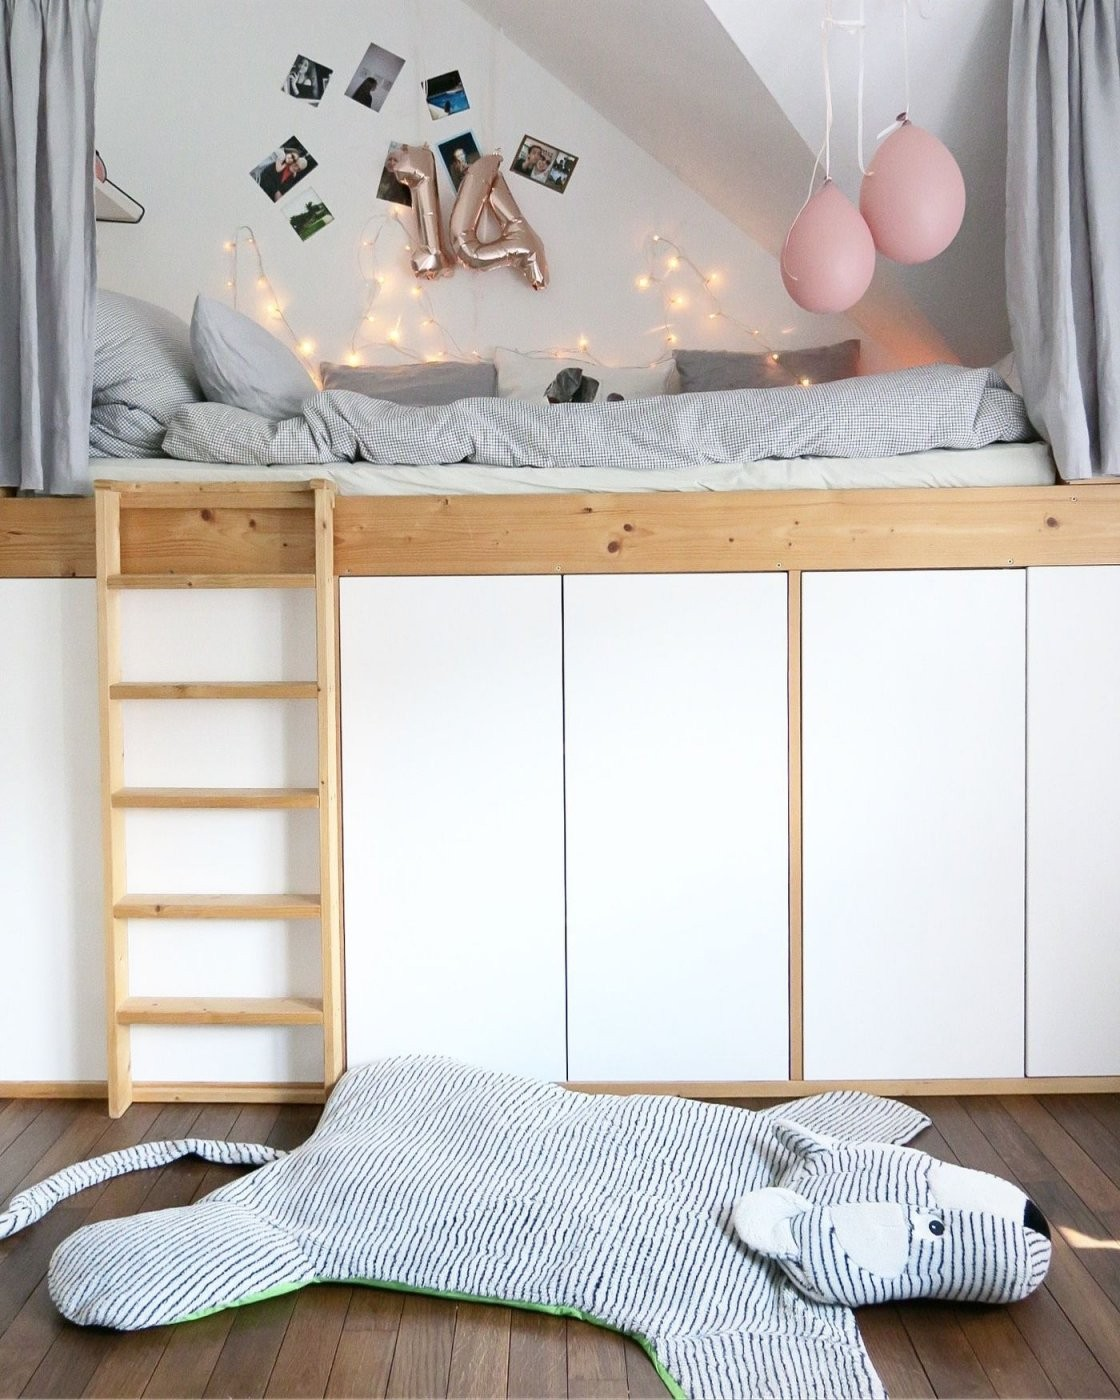 Jugendzimmer Ideen Zum Einrichten Und Gestalten von Deko Ideen Jugendzimmer Selber Machen Photo